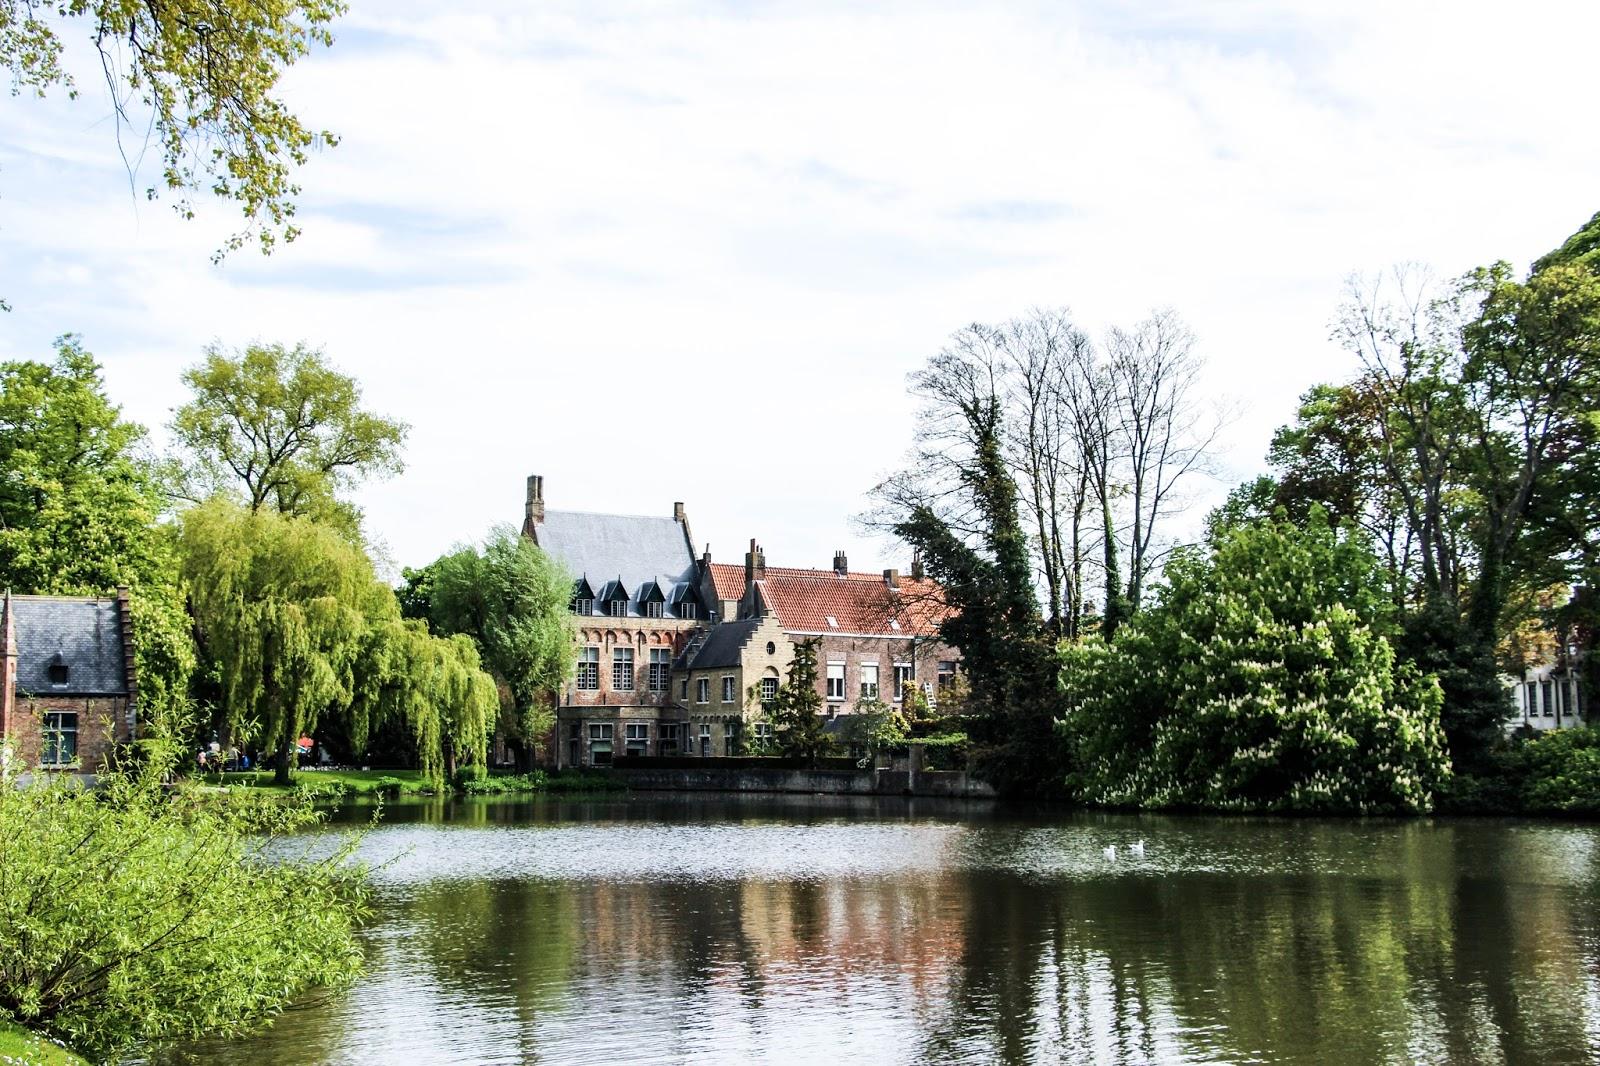 Lac D'amour Brugge